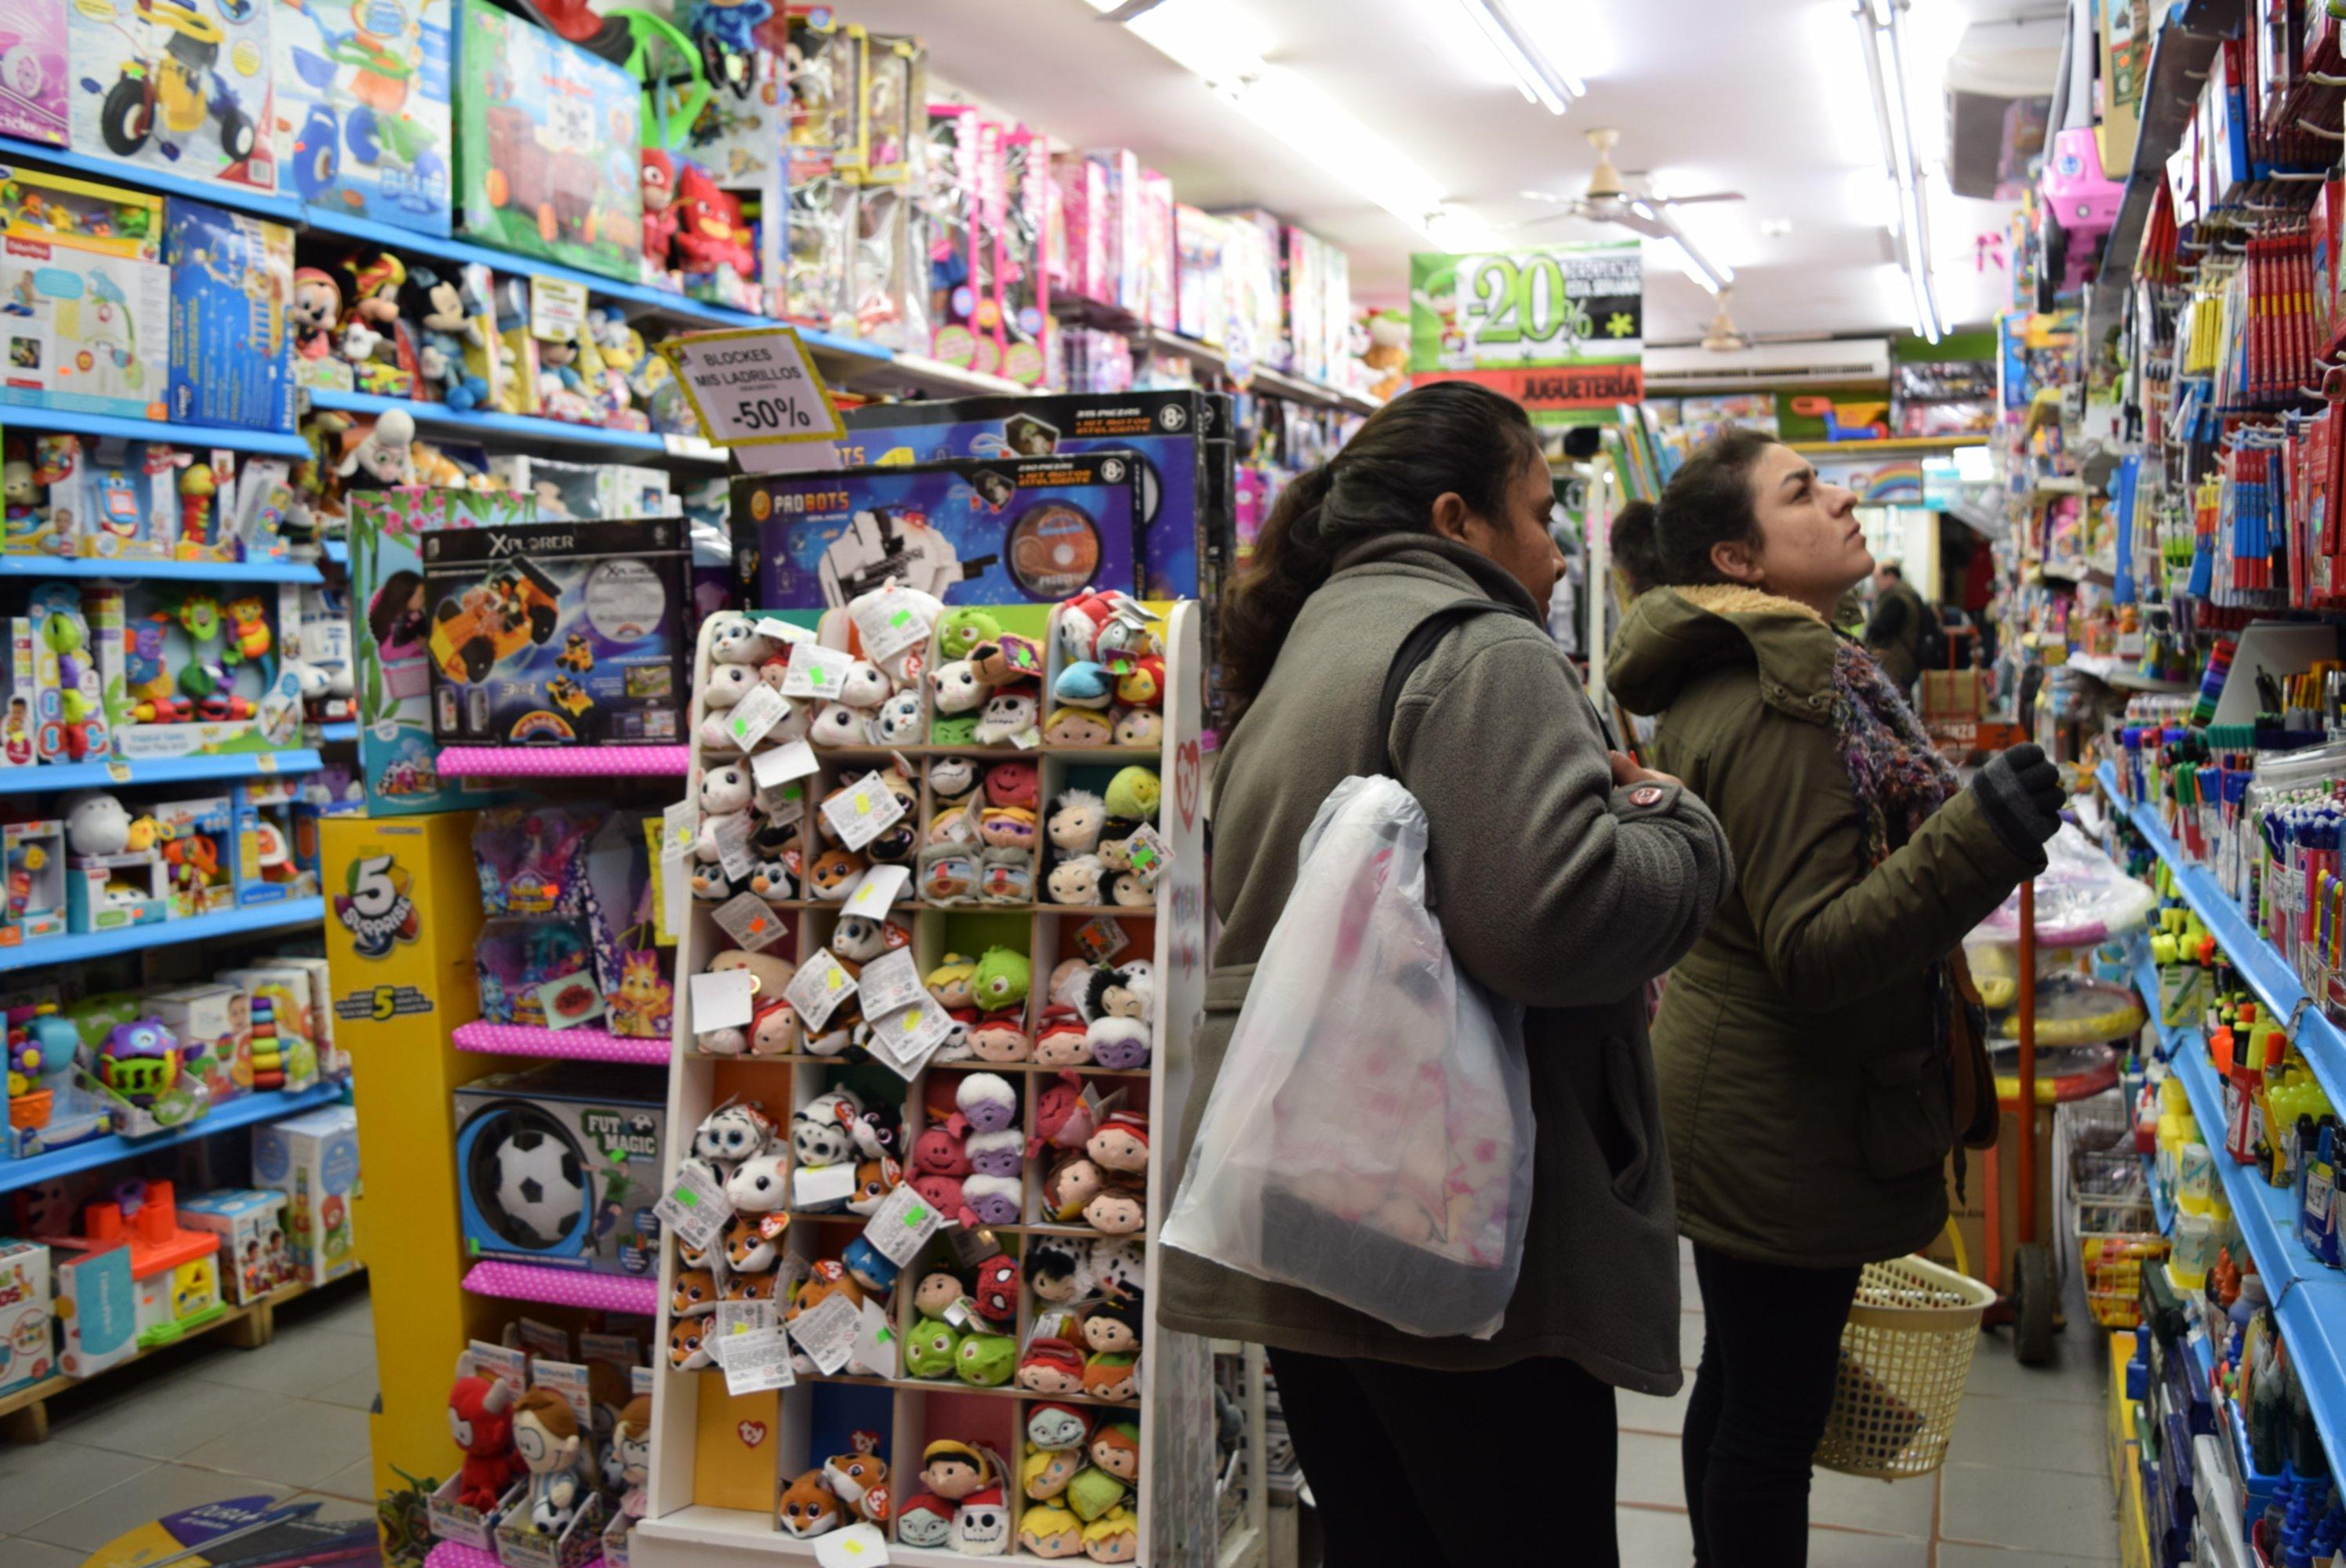 <p>Comercio. Las tiendas prepararon un stock de diversos juguetes y hasta las casas de tecnolog&iacute;a incluyeron promociones.</p>